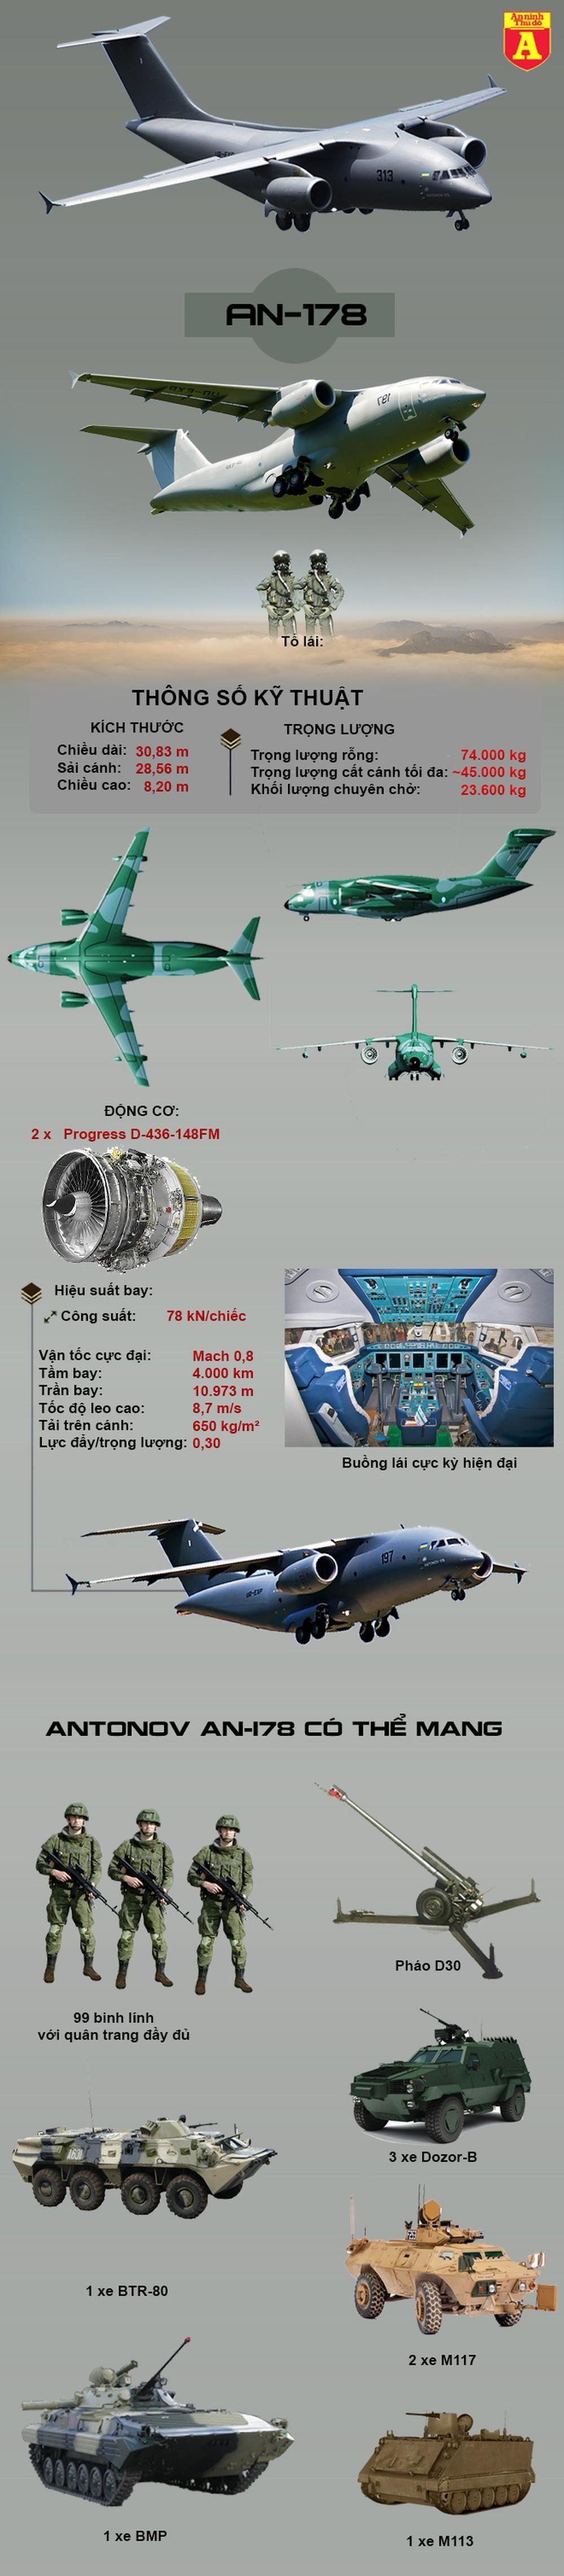 [Info] Sức mạnh vận tải cơ An-178 mà Ukraine sắp tiếp nhận ảnh 2